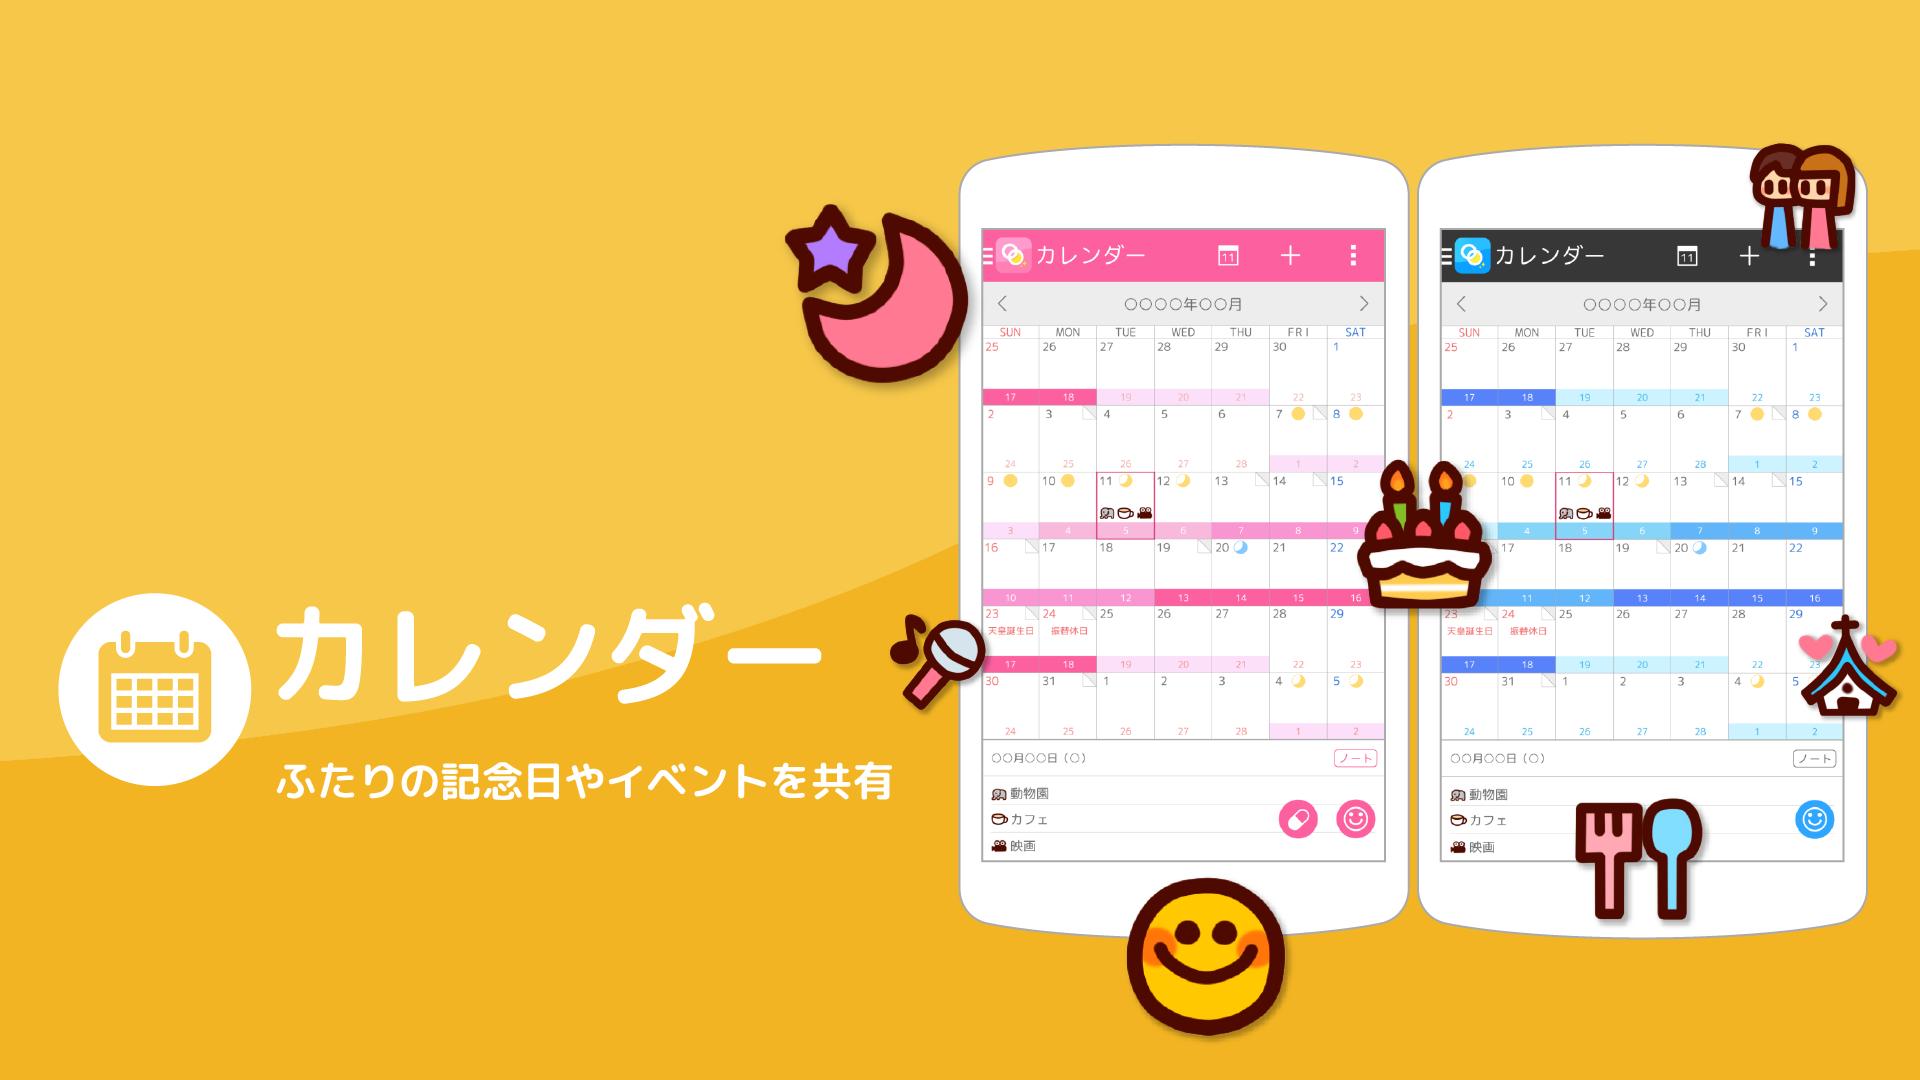 カレンダー:二人の記念日やイベントおよびスケジュールをかわいいアイコンで共有